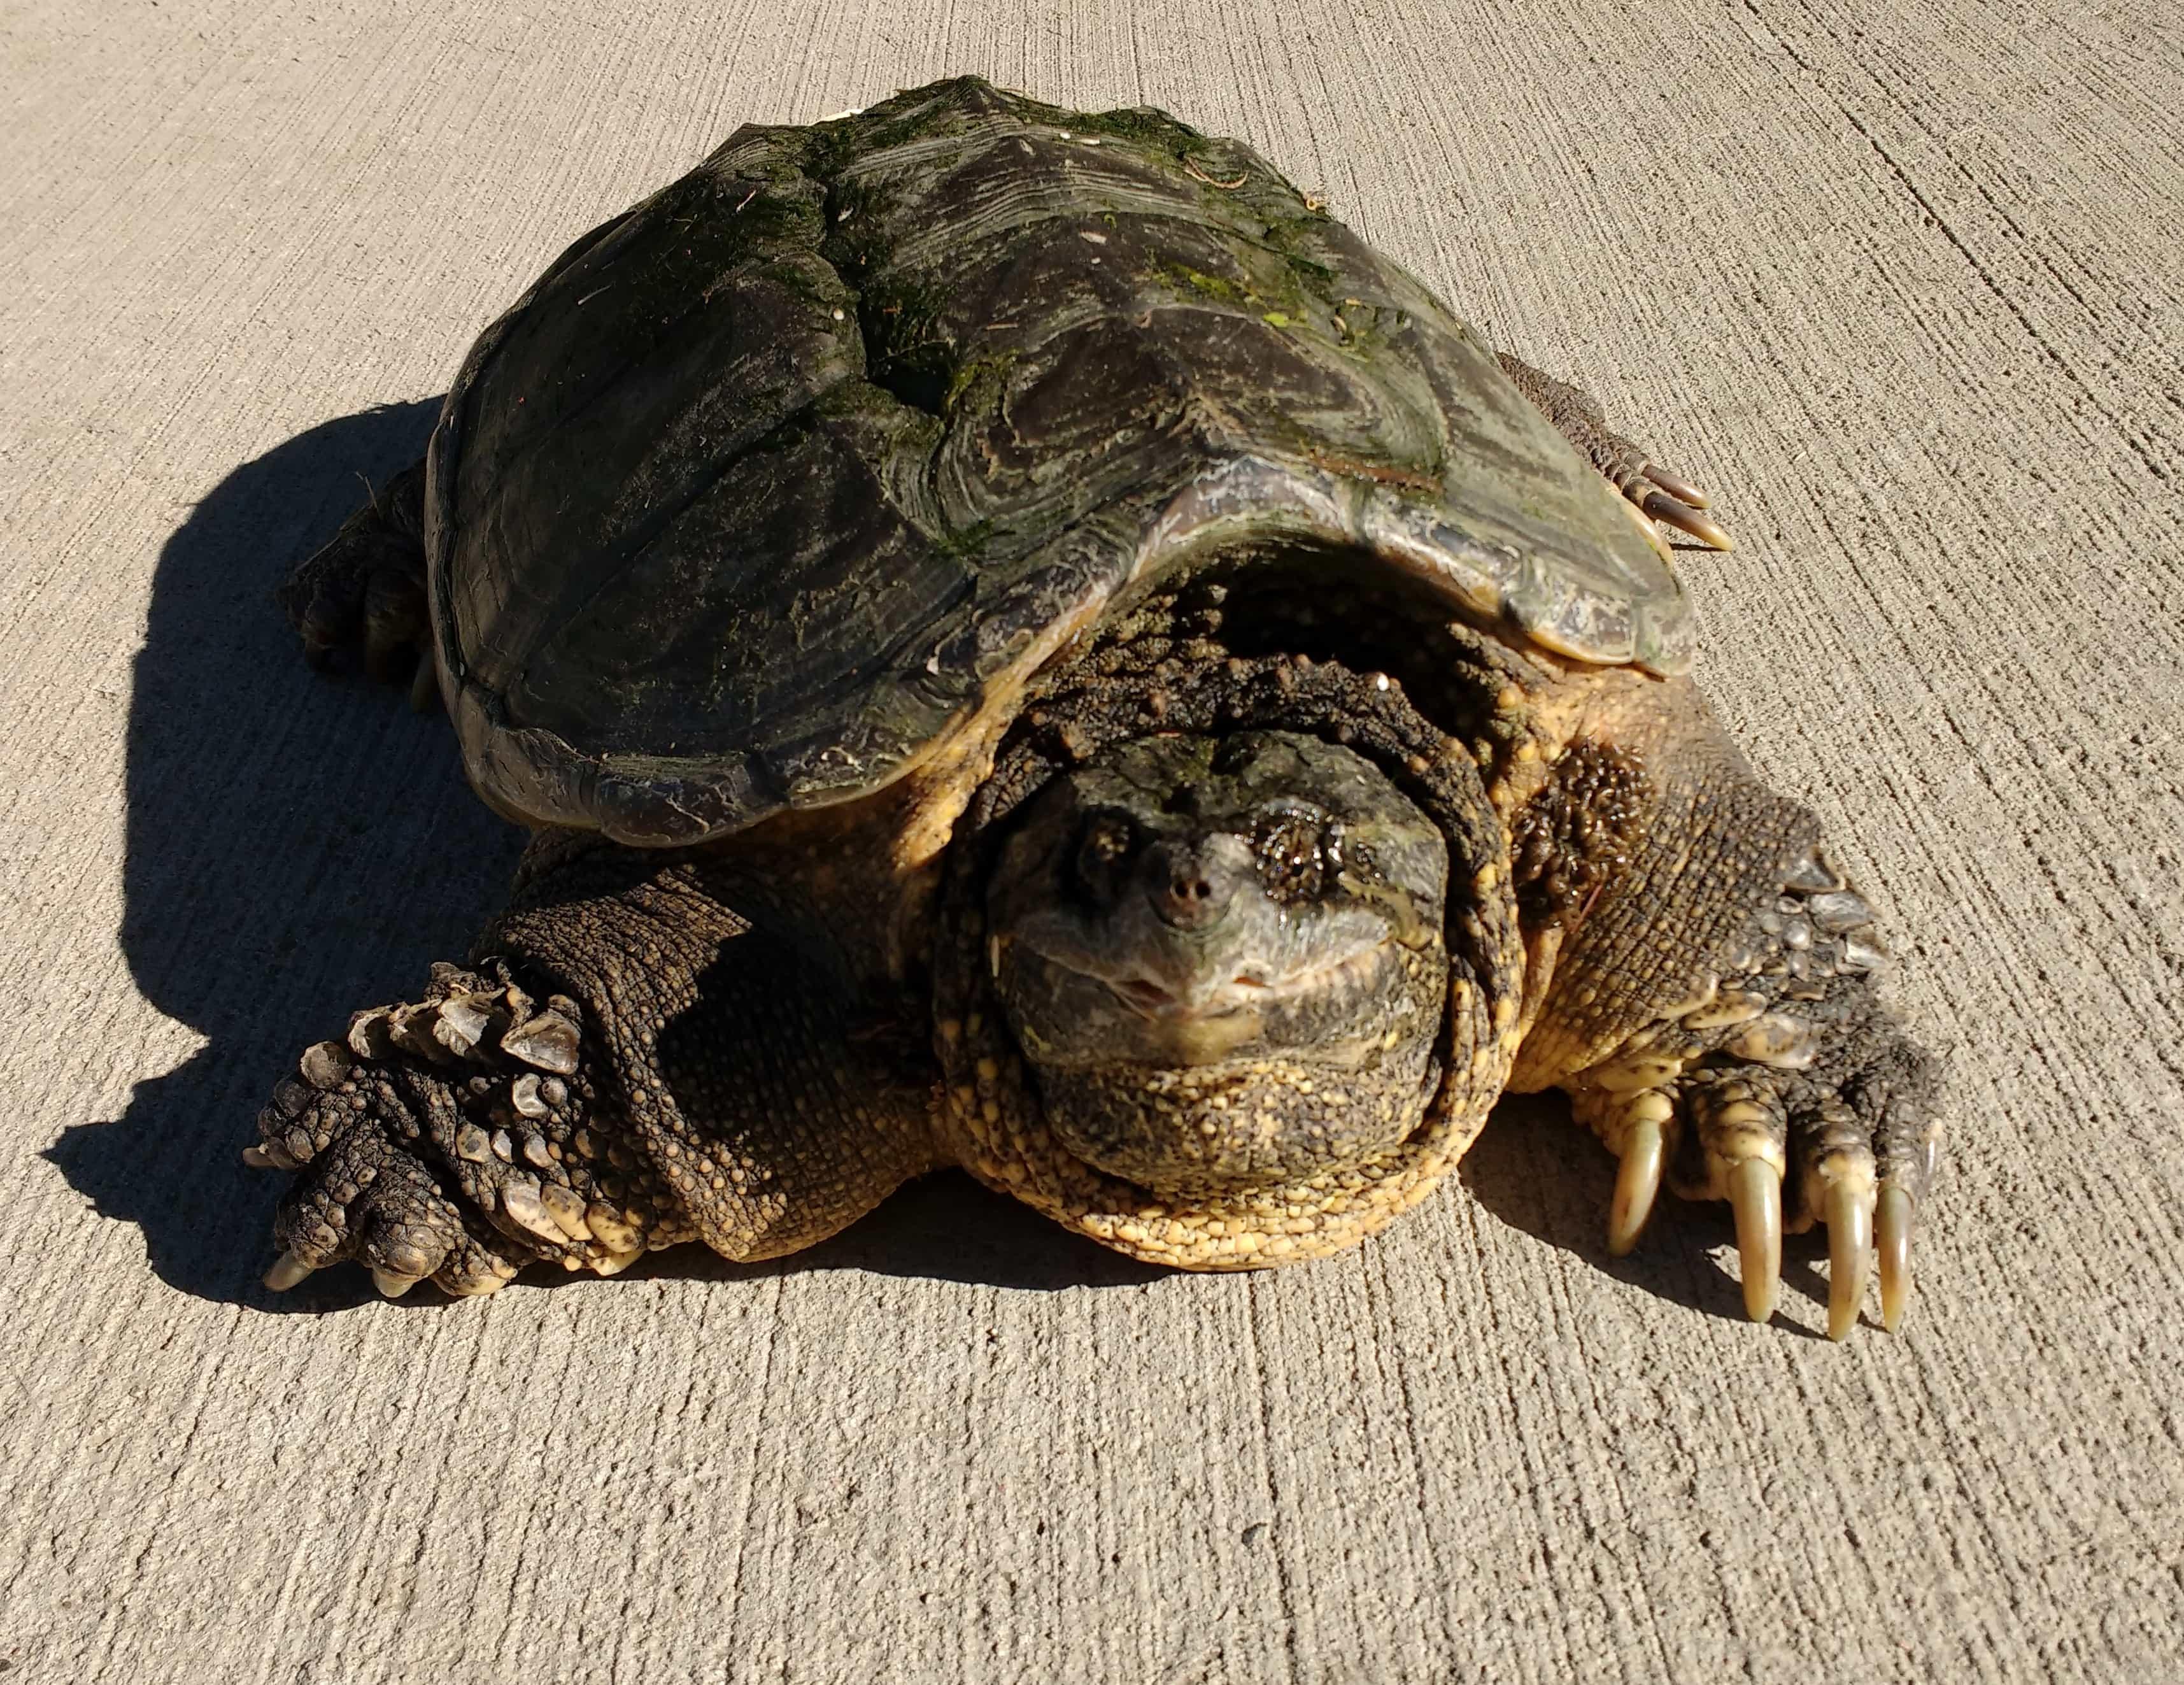 Жизнь кожистой черепахи и любопытные факты о ней